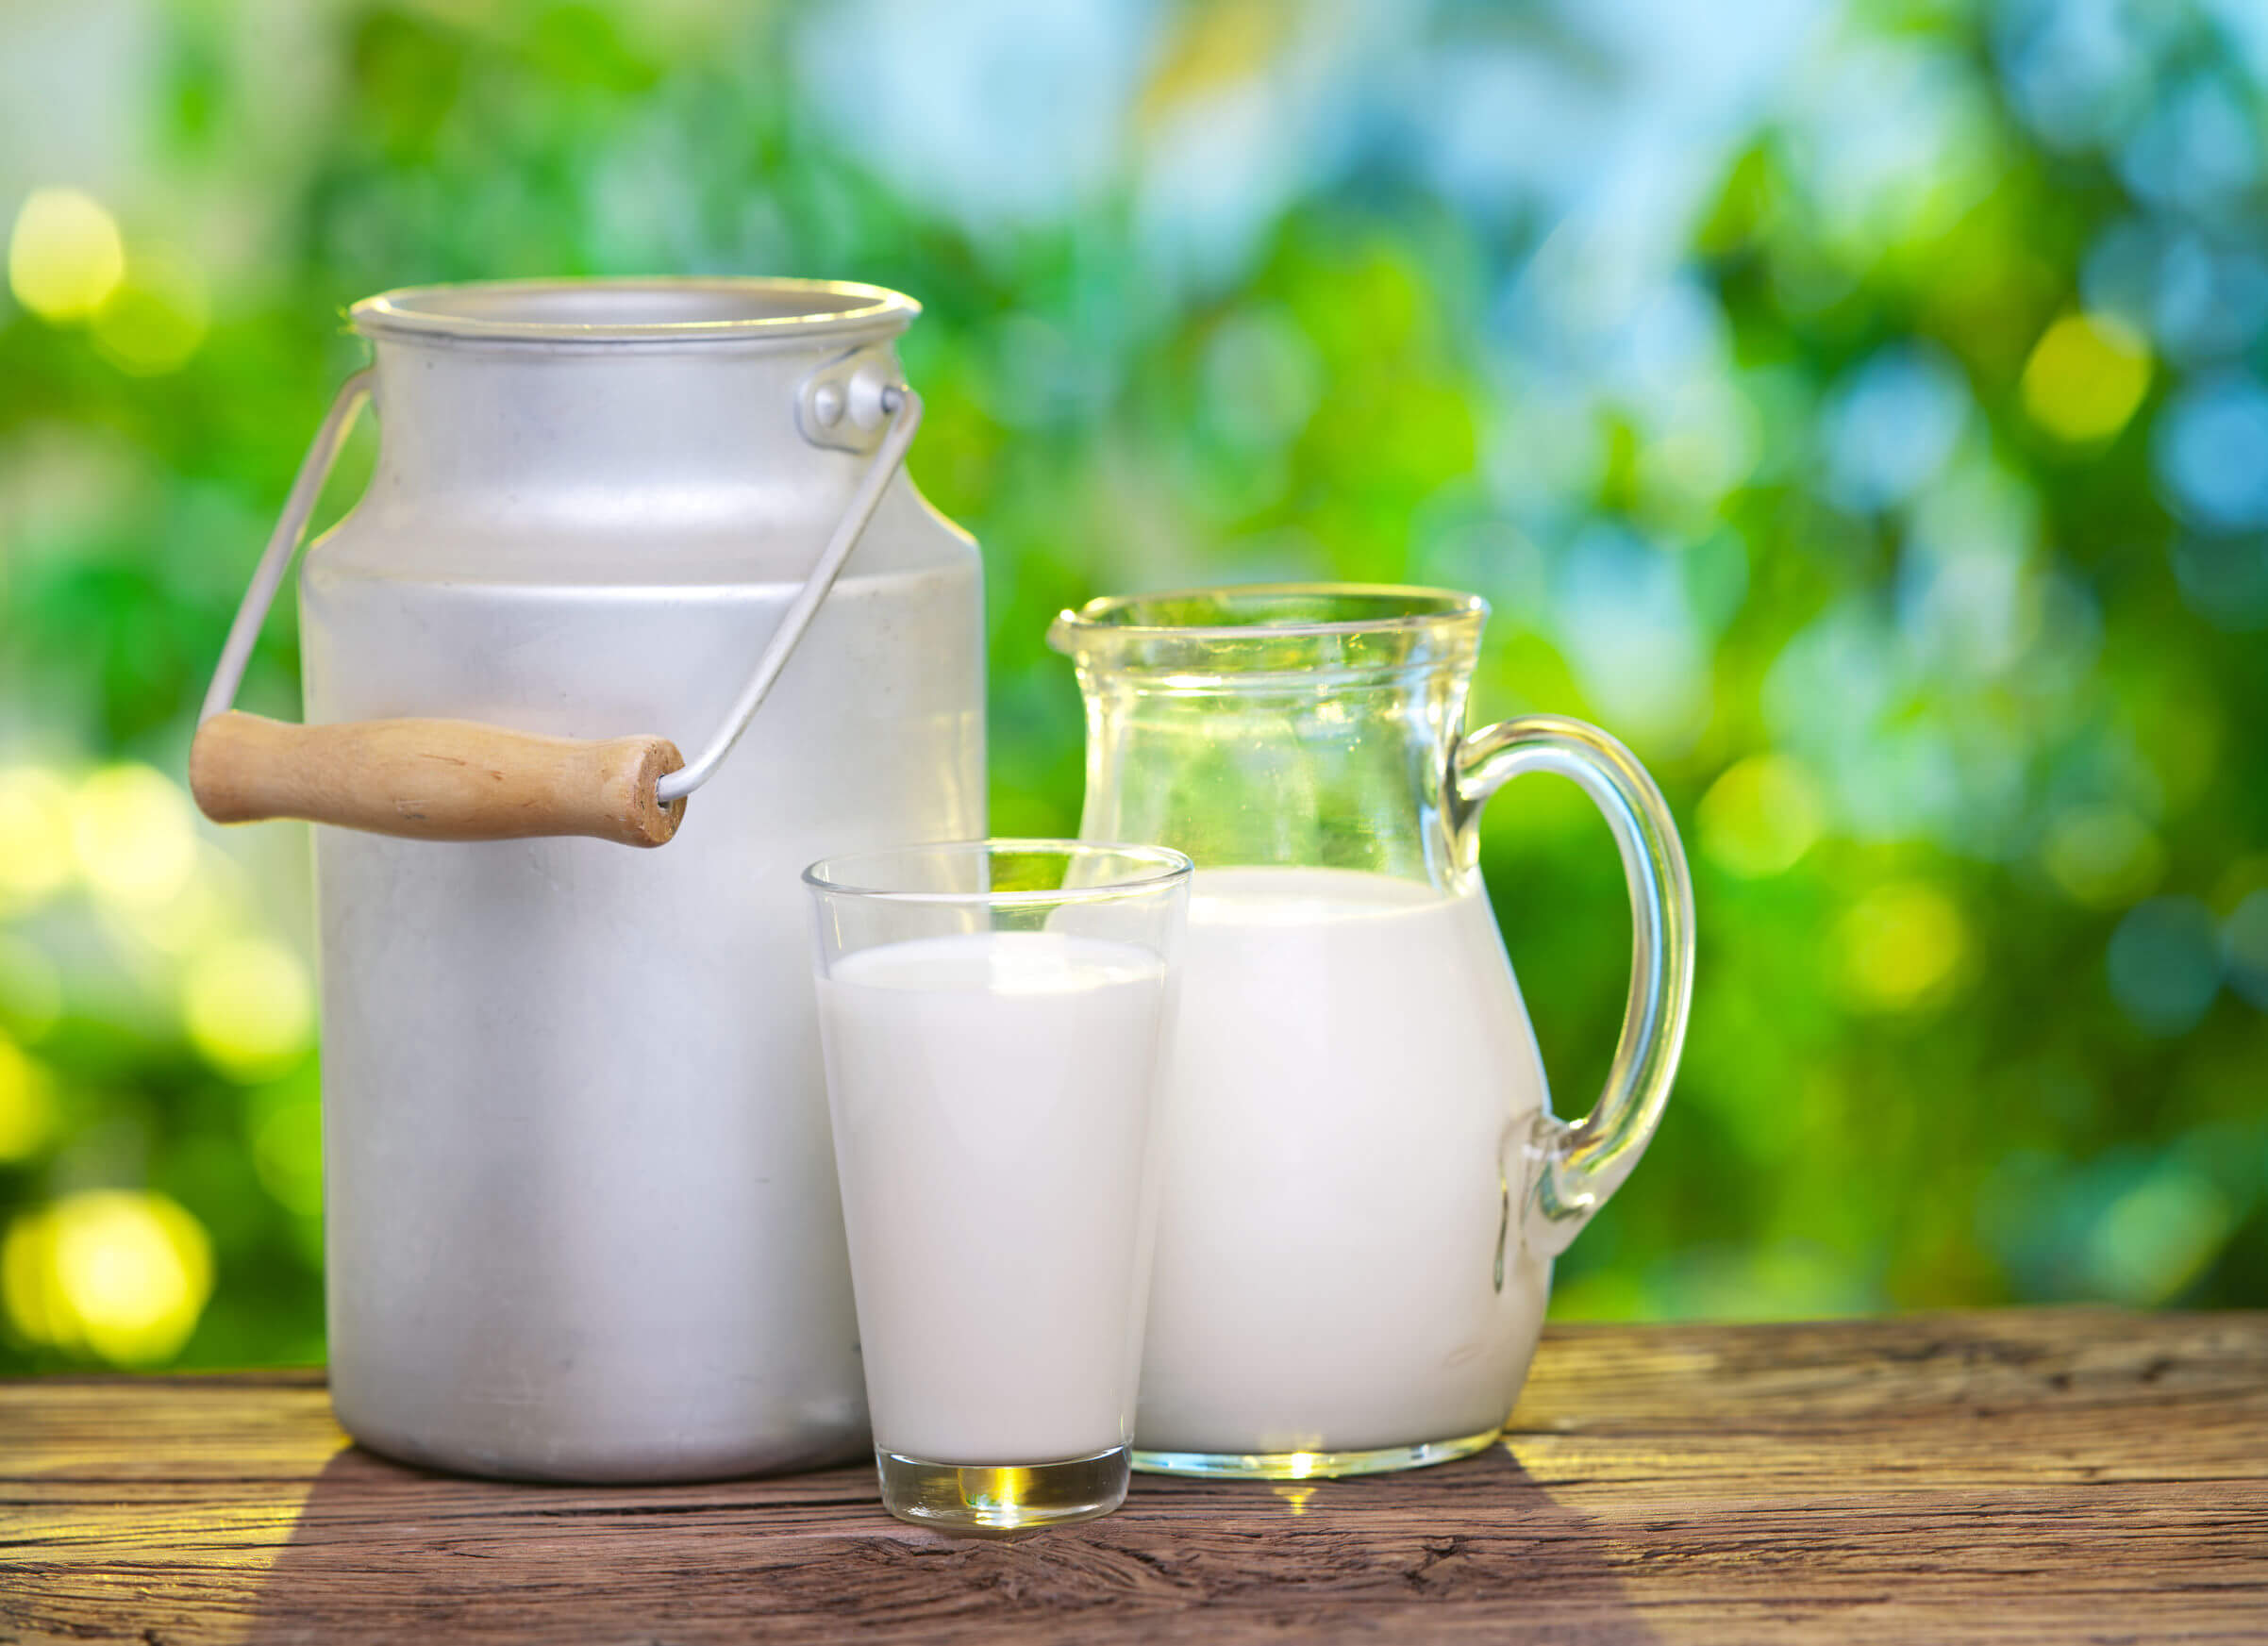 Los alimentos que pueden causar diarrea incluyen los lácteos